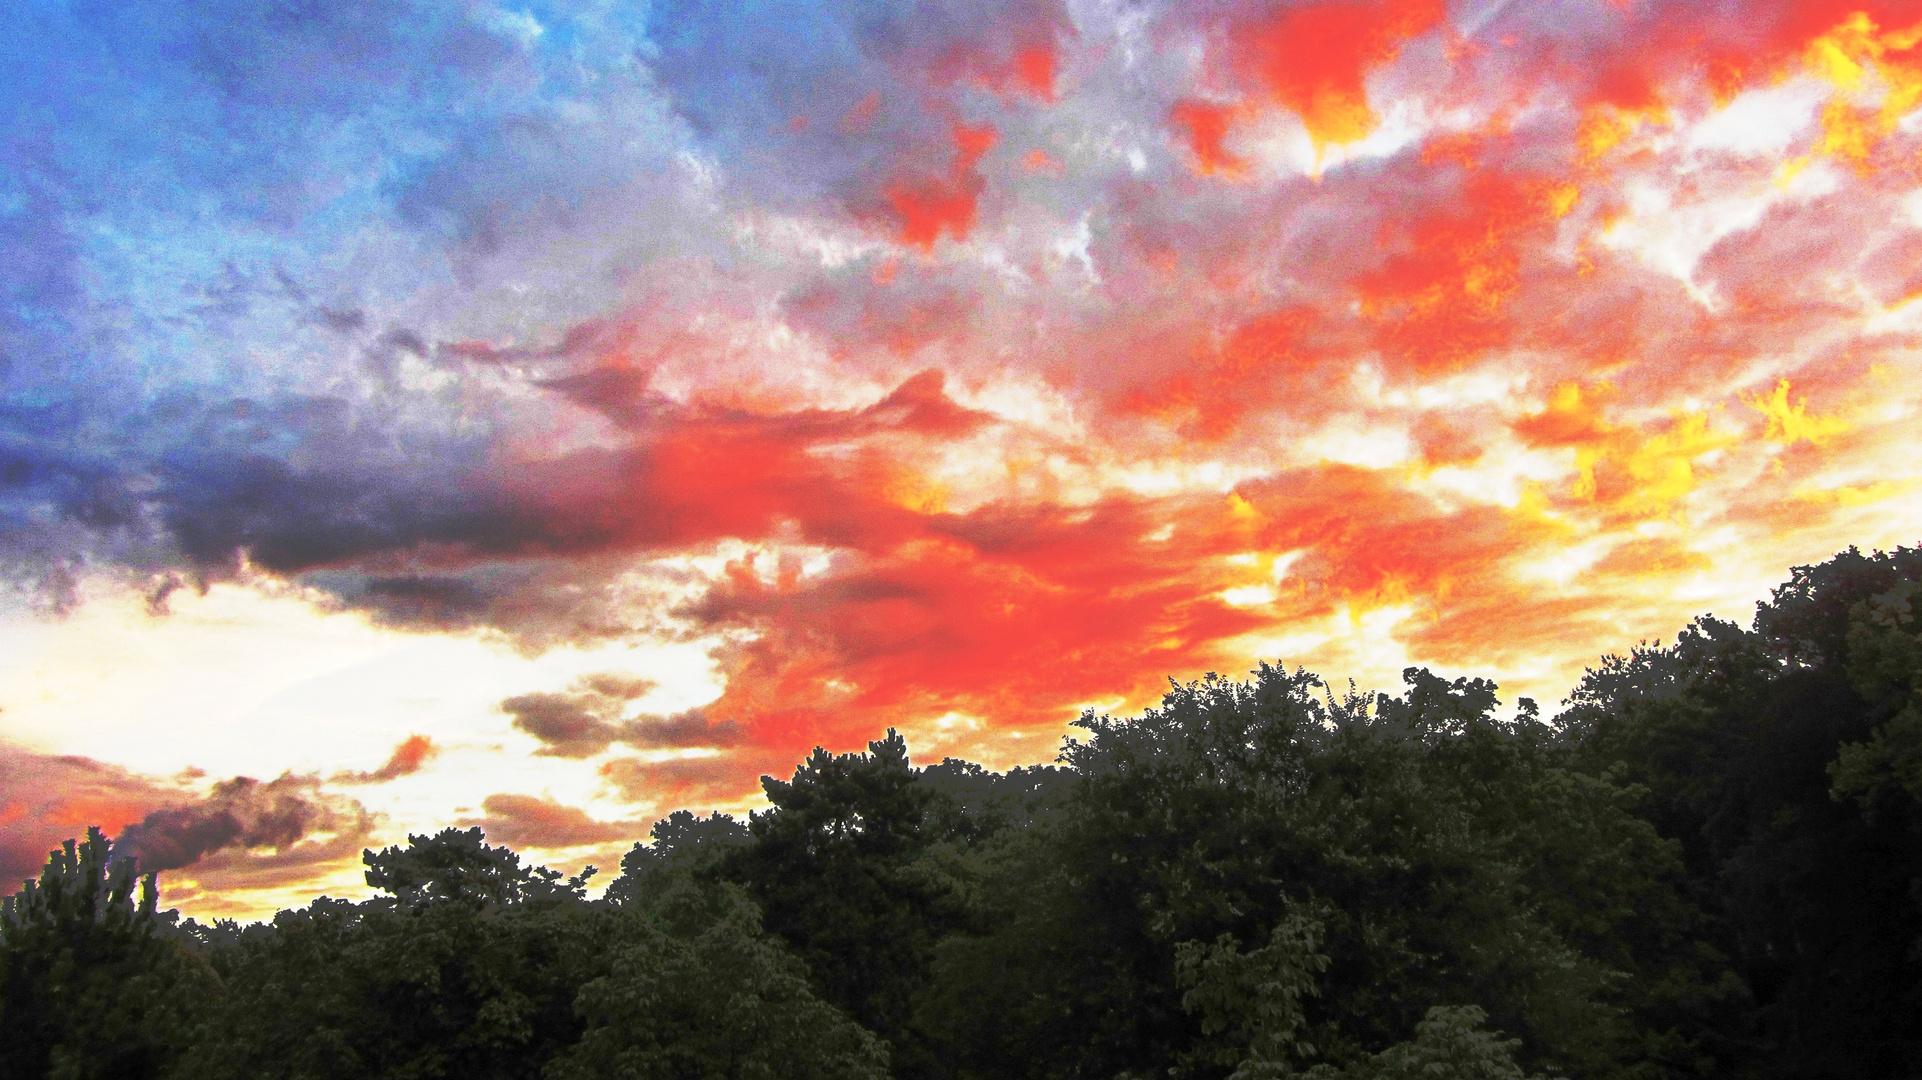 Der Himmel brannte - 2